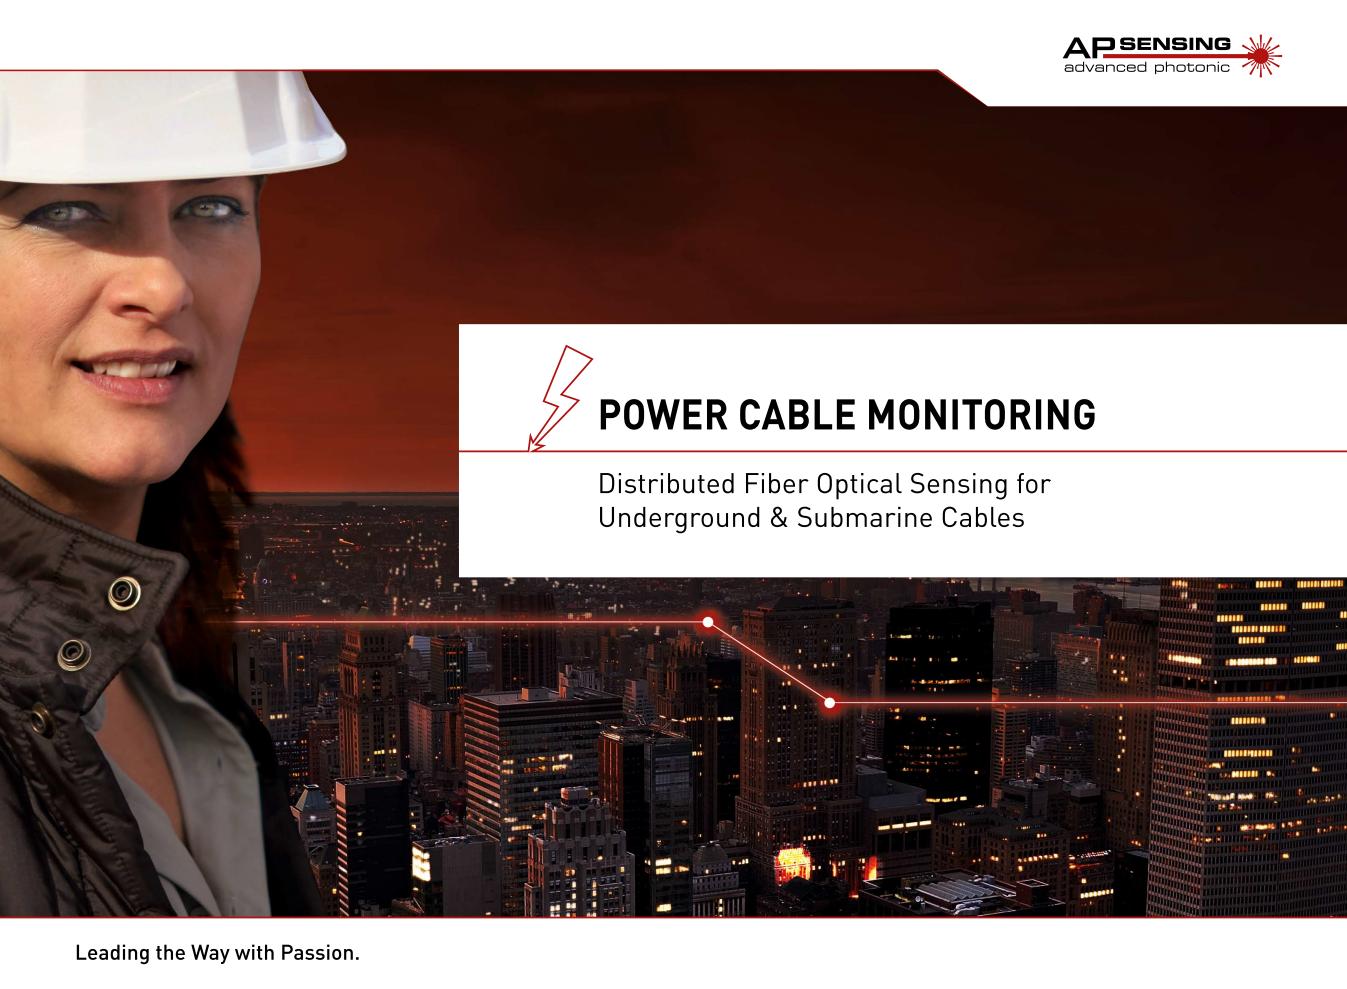 电力电缆监测产品手册